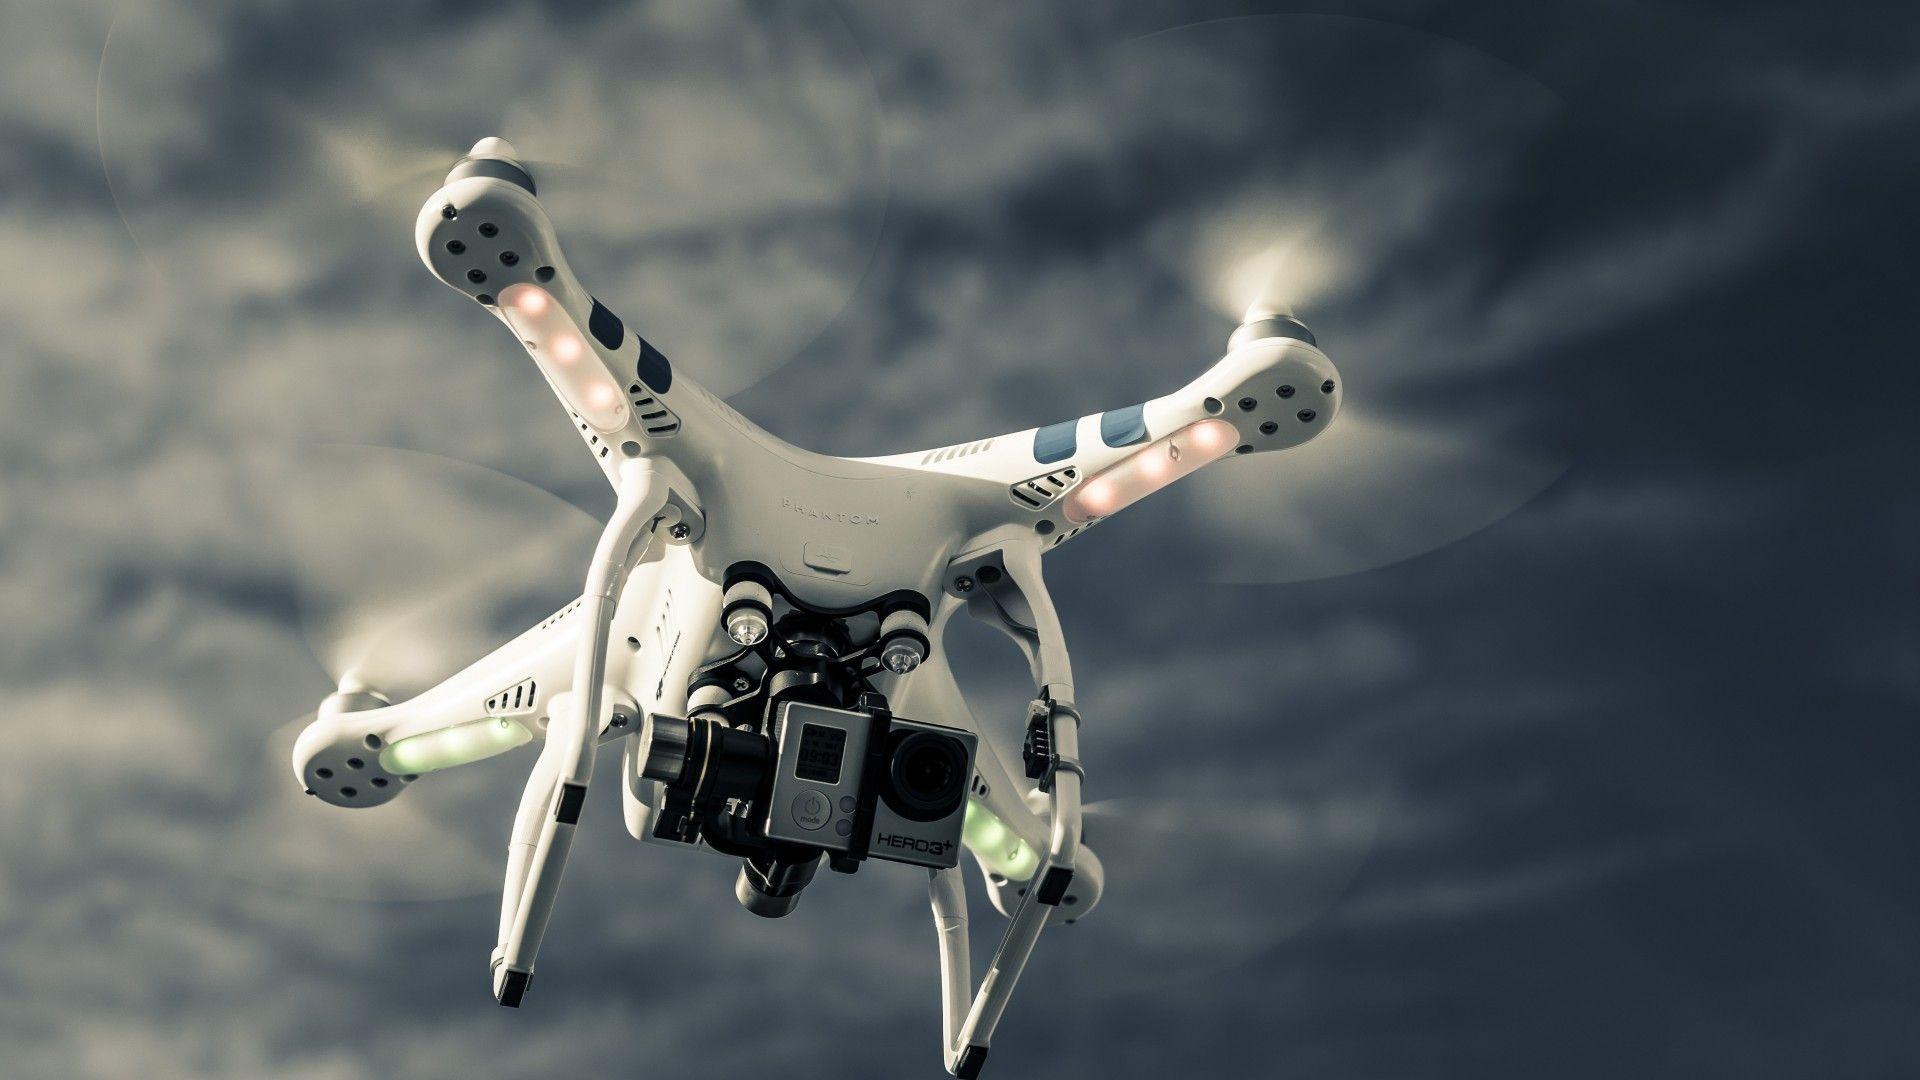 Drone wallpaper theme